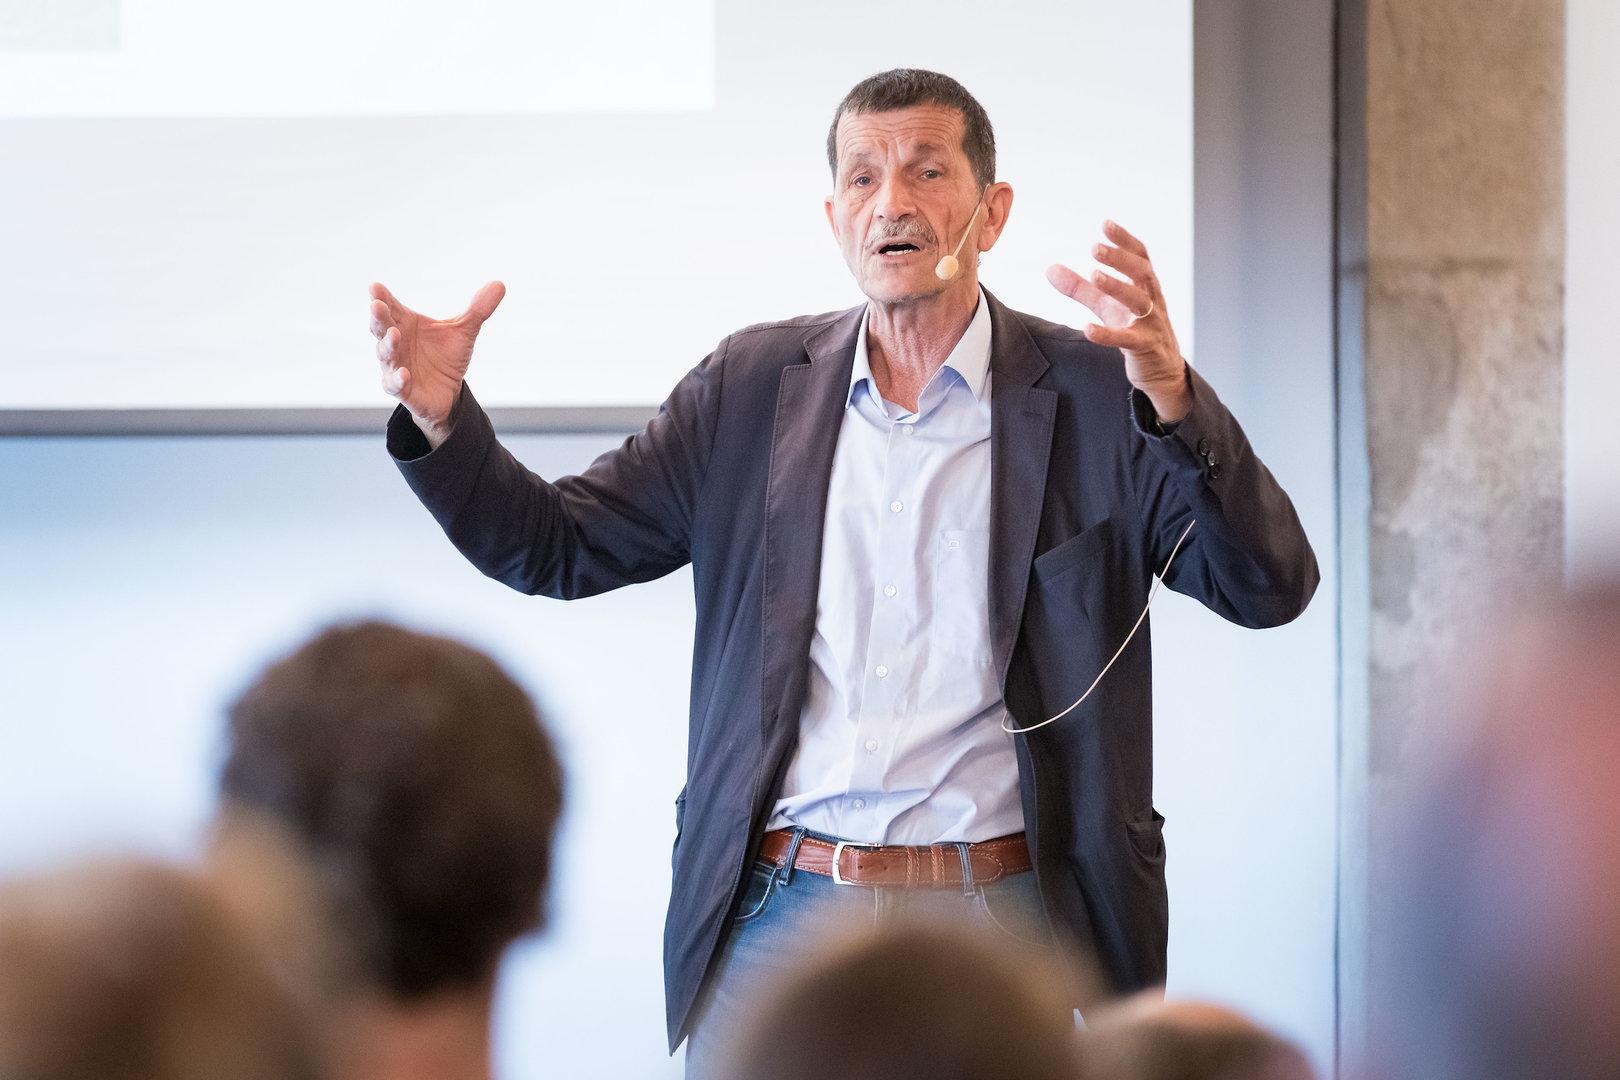 """Um 9.30 Uhr startete das Referat von Prof. em. Dr. Ueli Mäder: """"Wie Arme soziale Normen ausdrücken""""."""